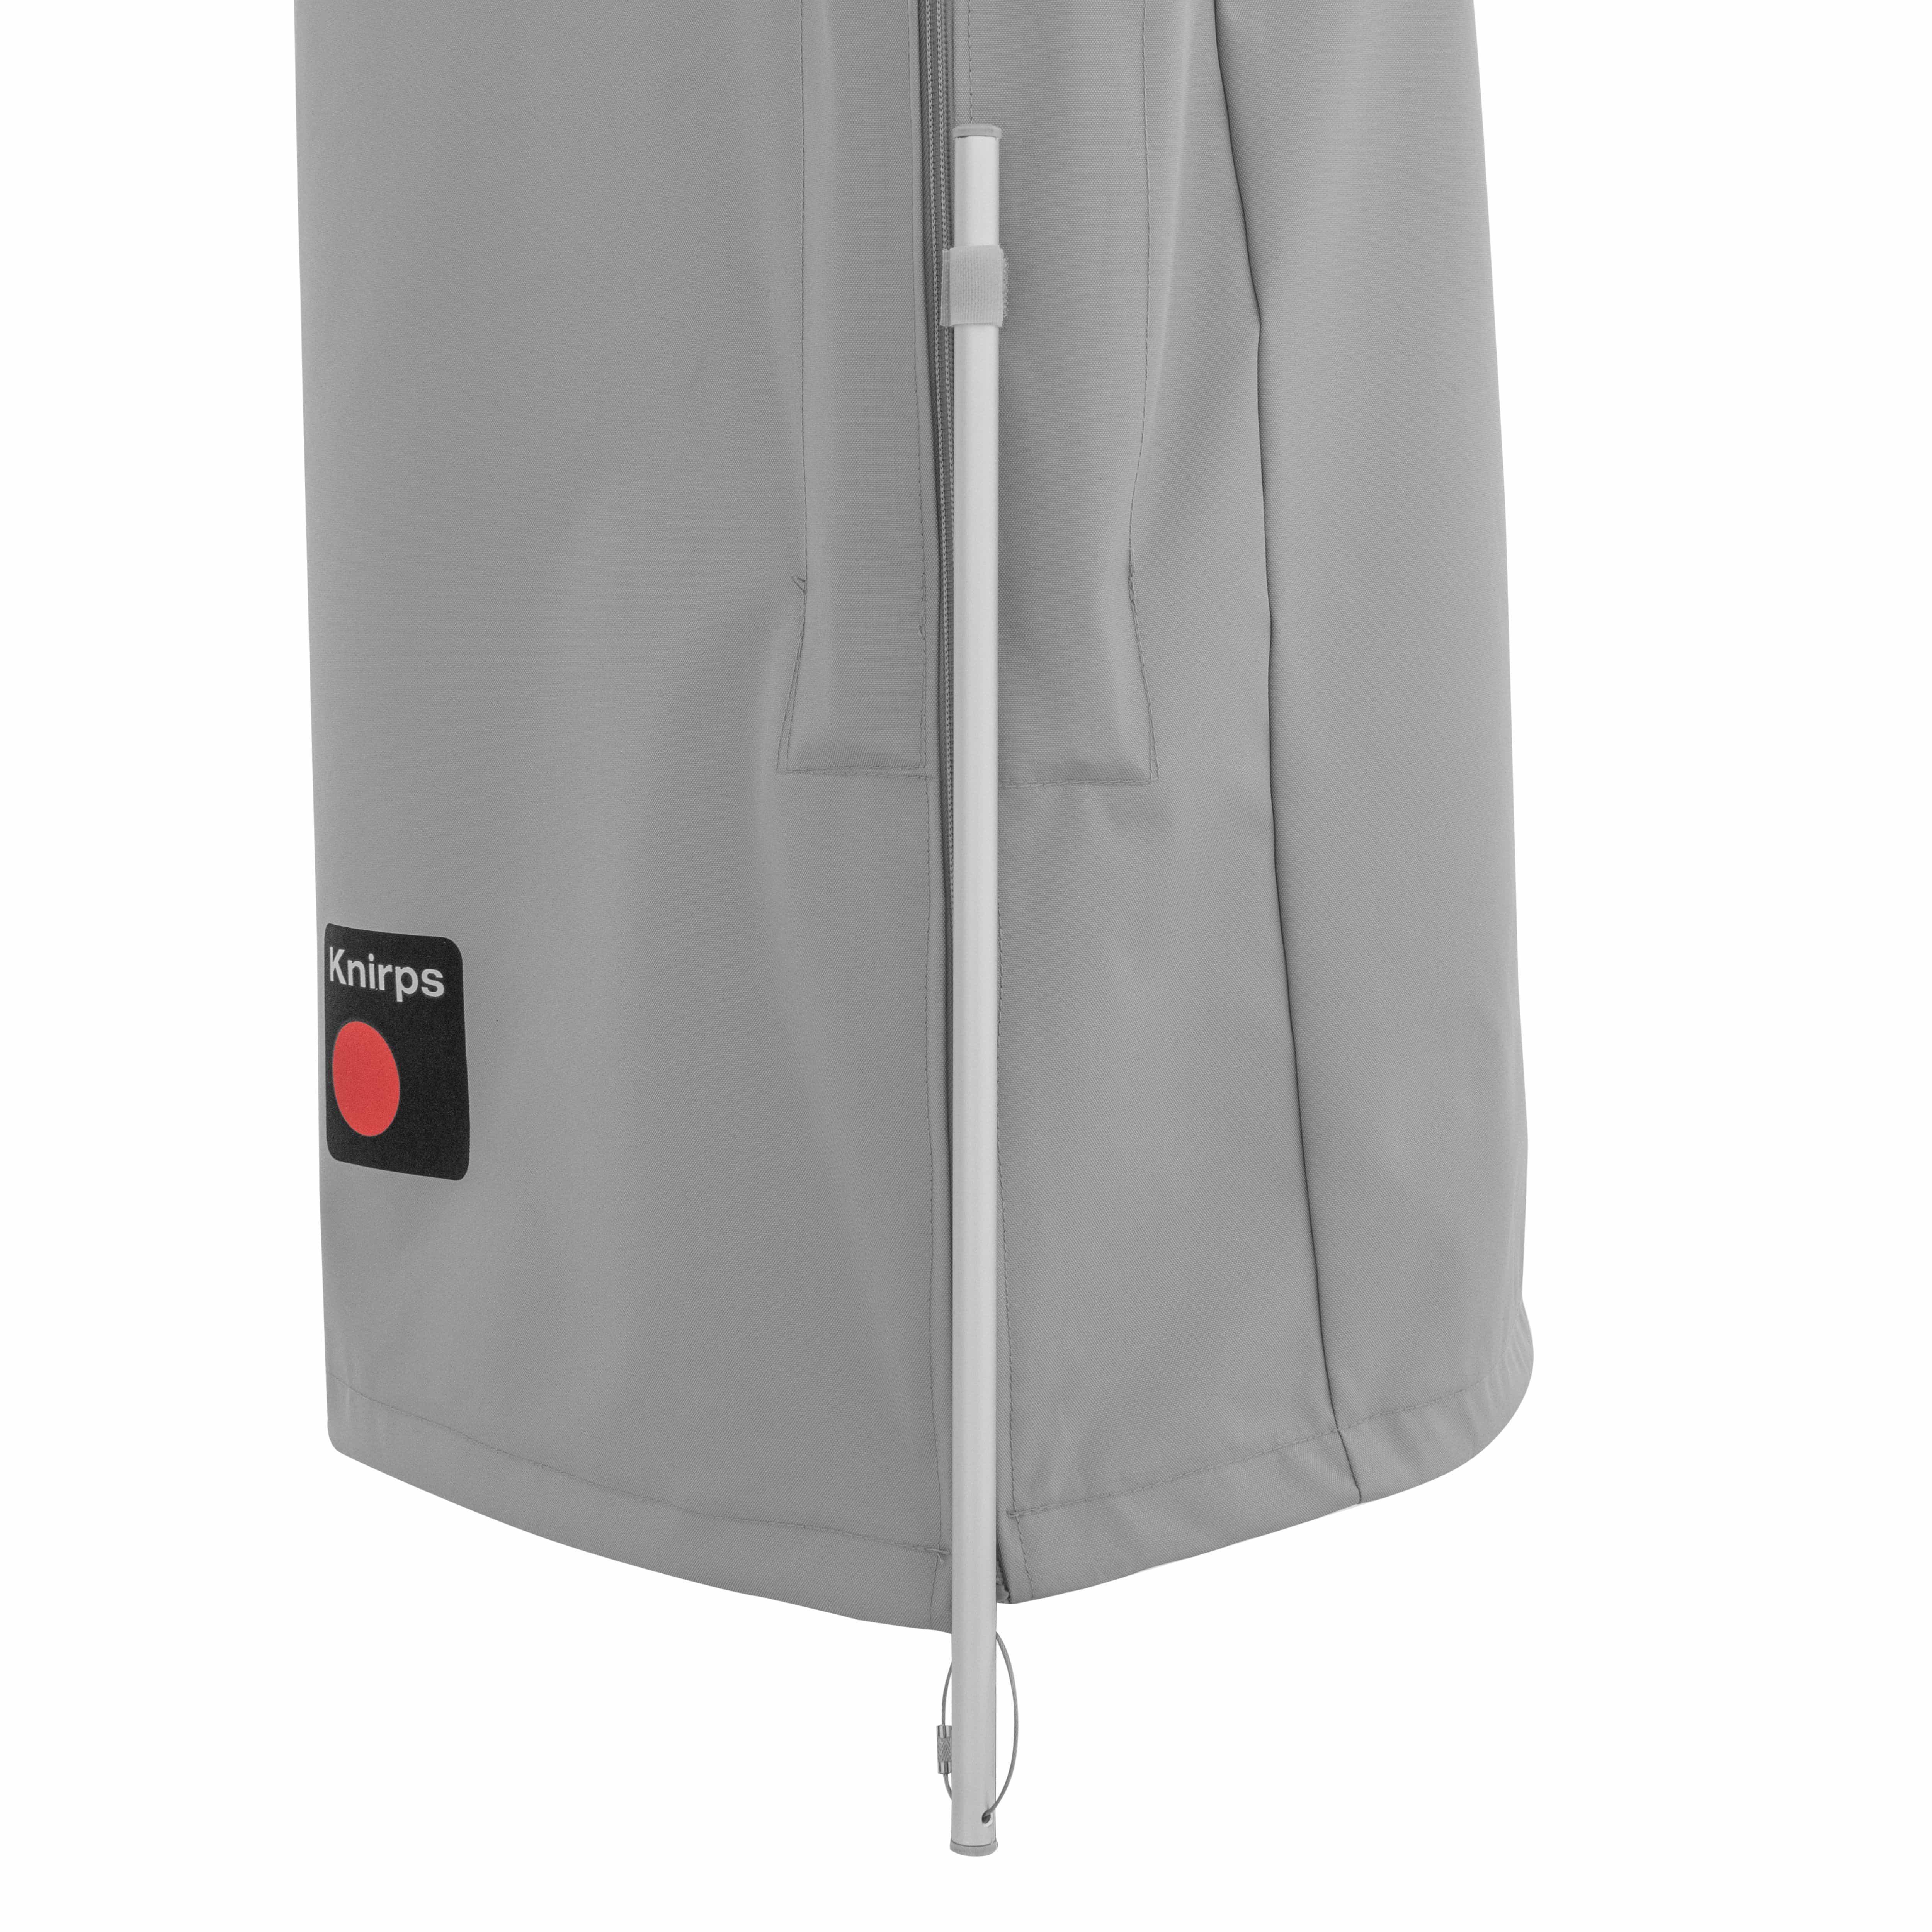 Knirps Parasol Schutzhülle für KNIRPS Pendelschirm 275x275 mit RV und Stab - foto 4